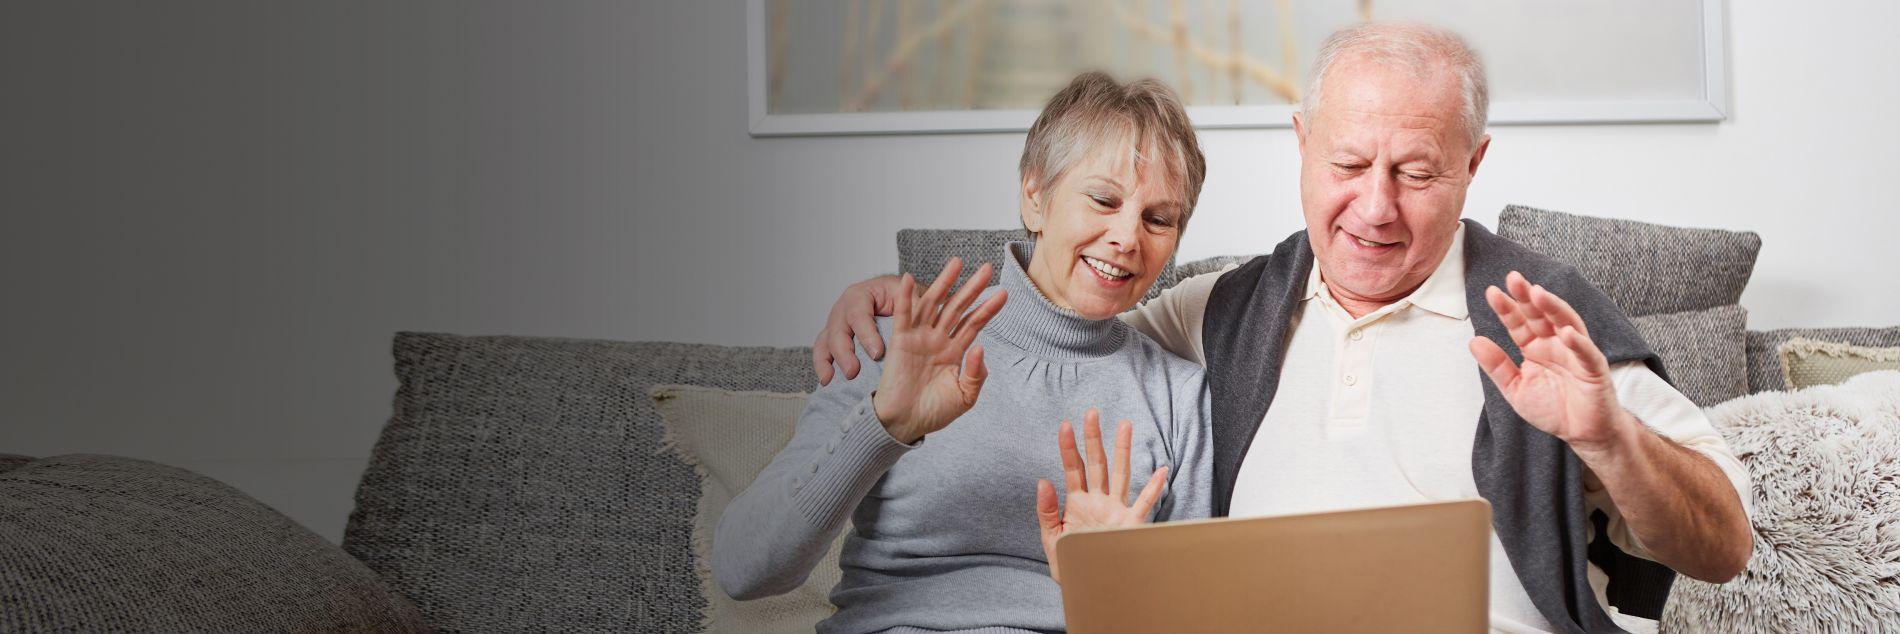 Кредит без поручителей с плохой КИ пенсионерам